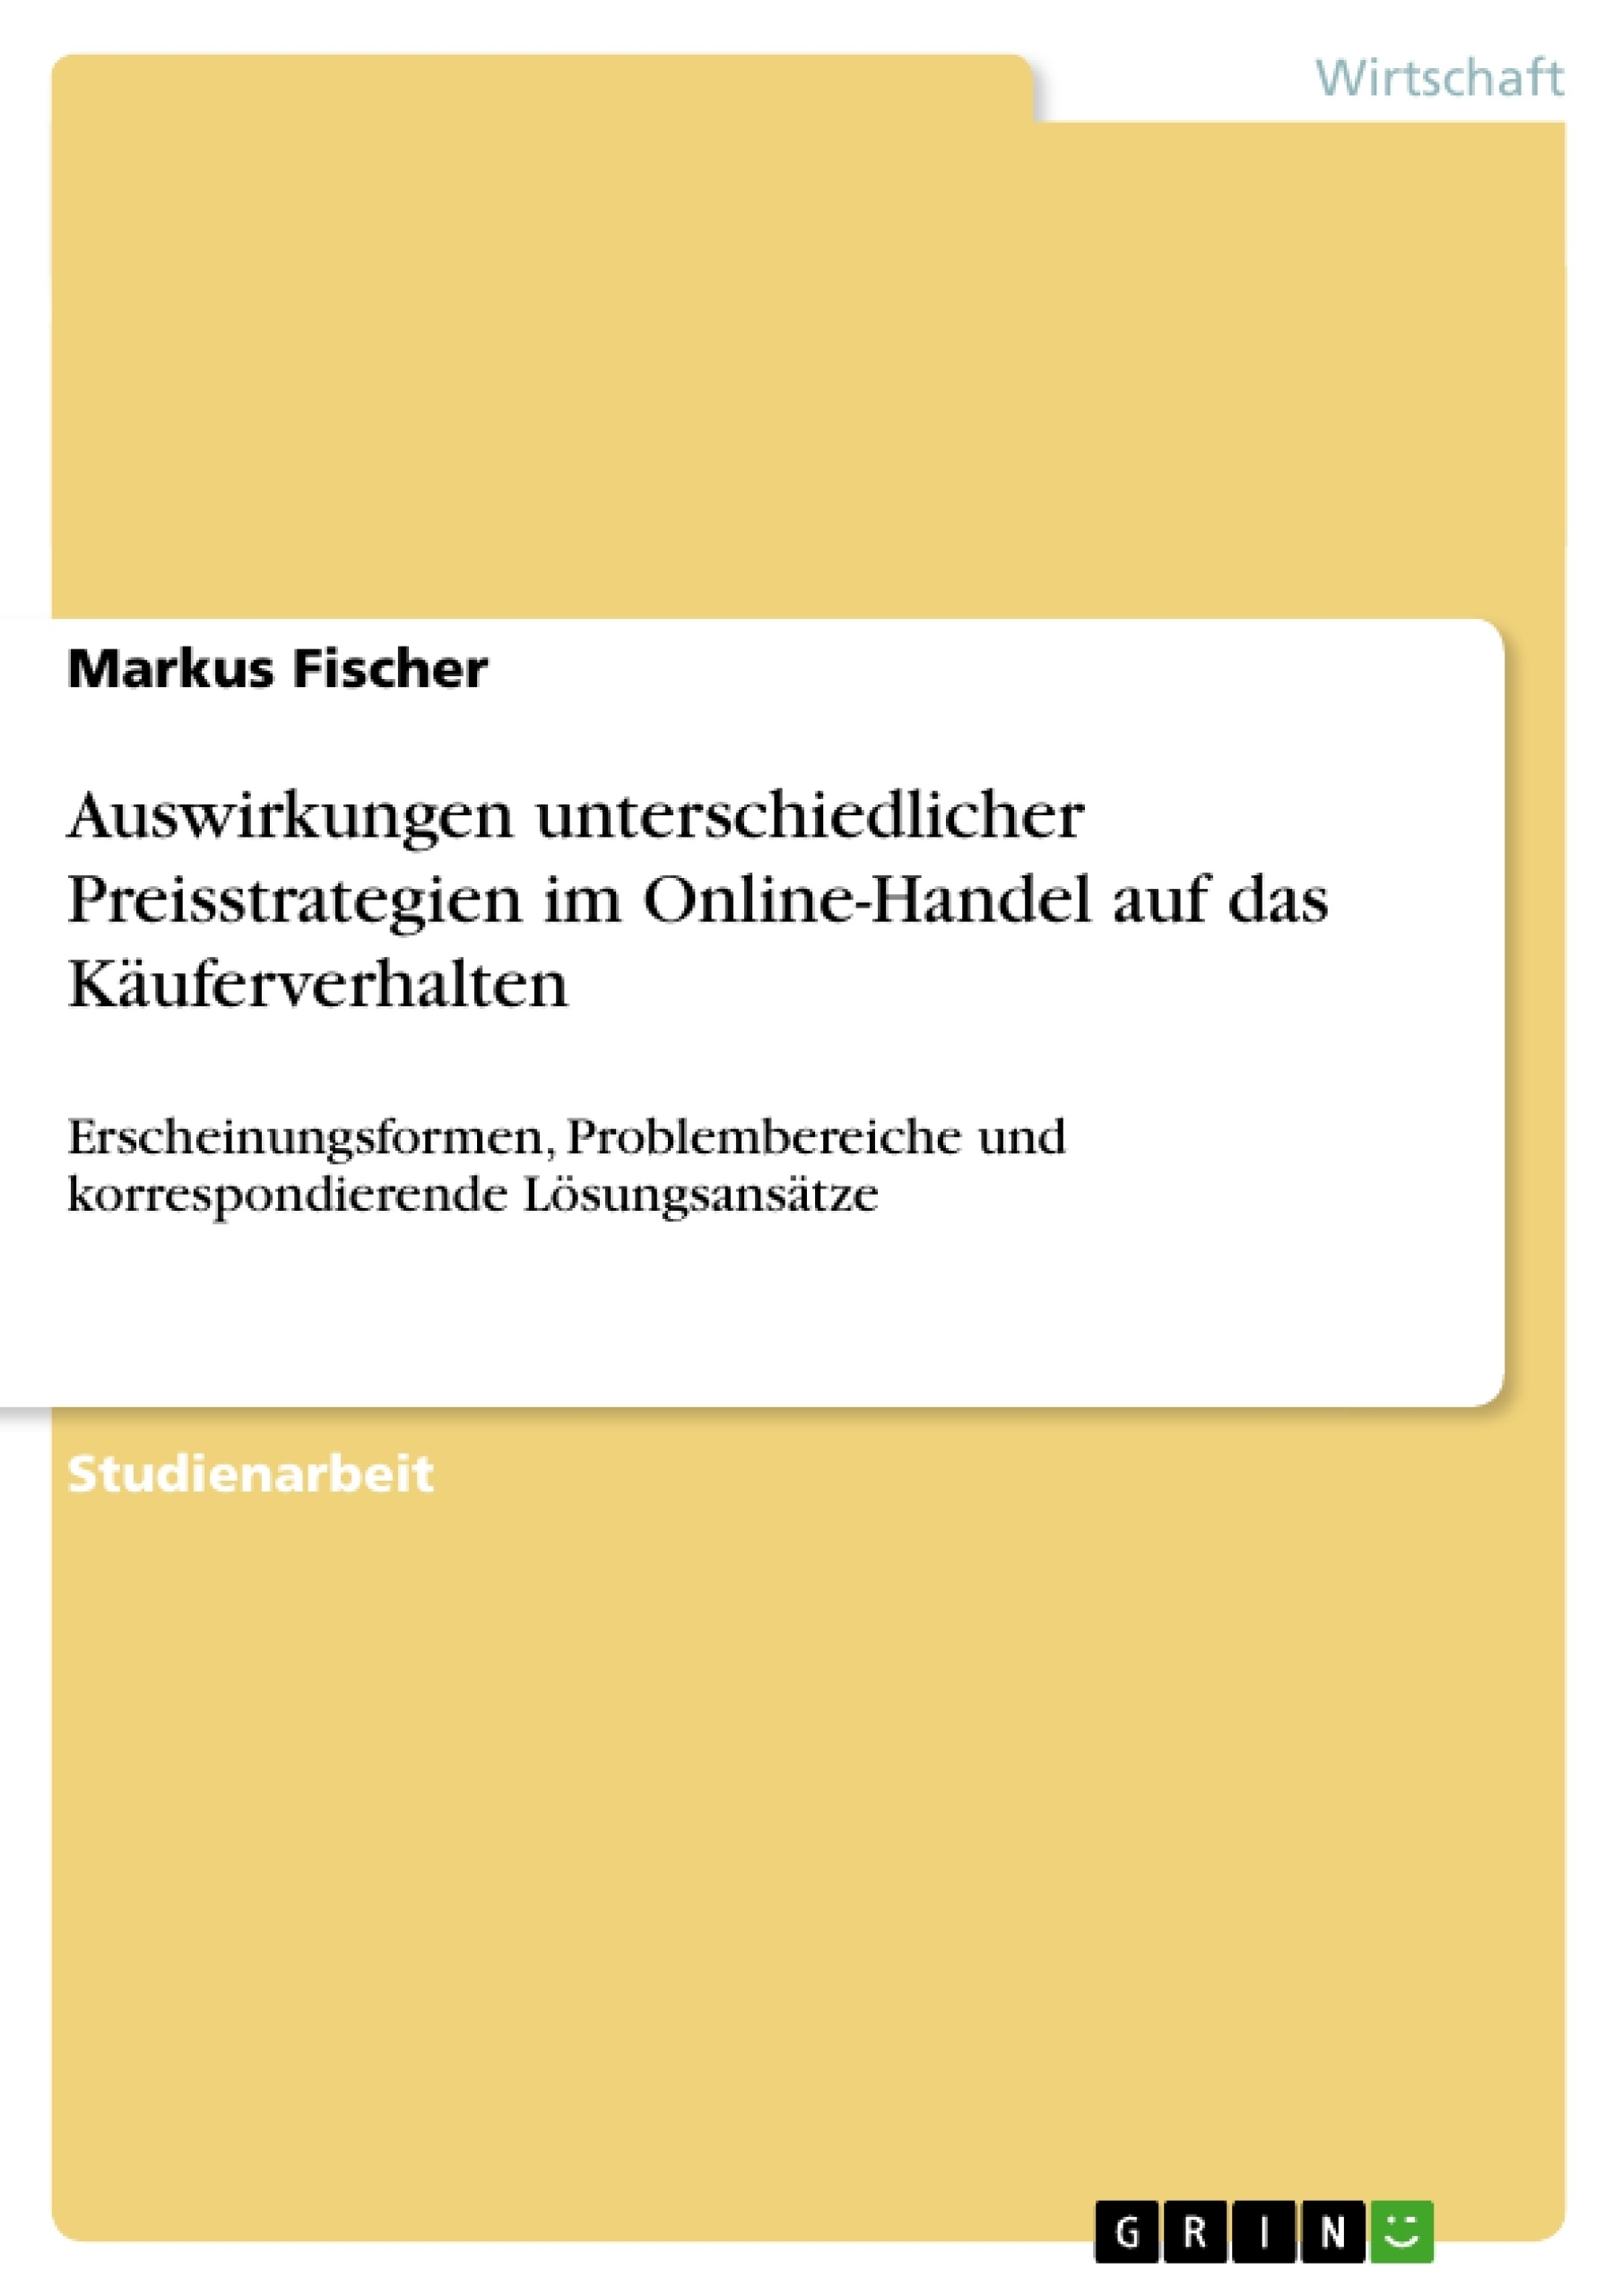 Titel: Auswirkungen unterschiedlicher Preisstrategien im Online-Handel auf das Käuferverhalten